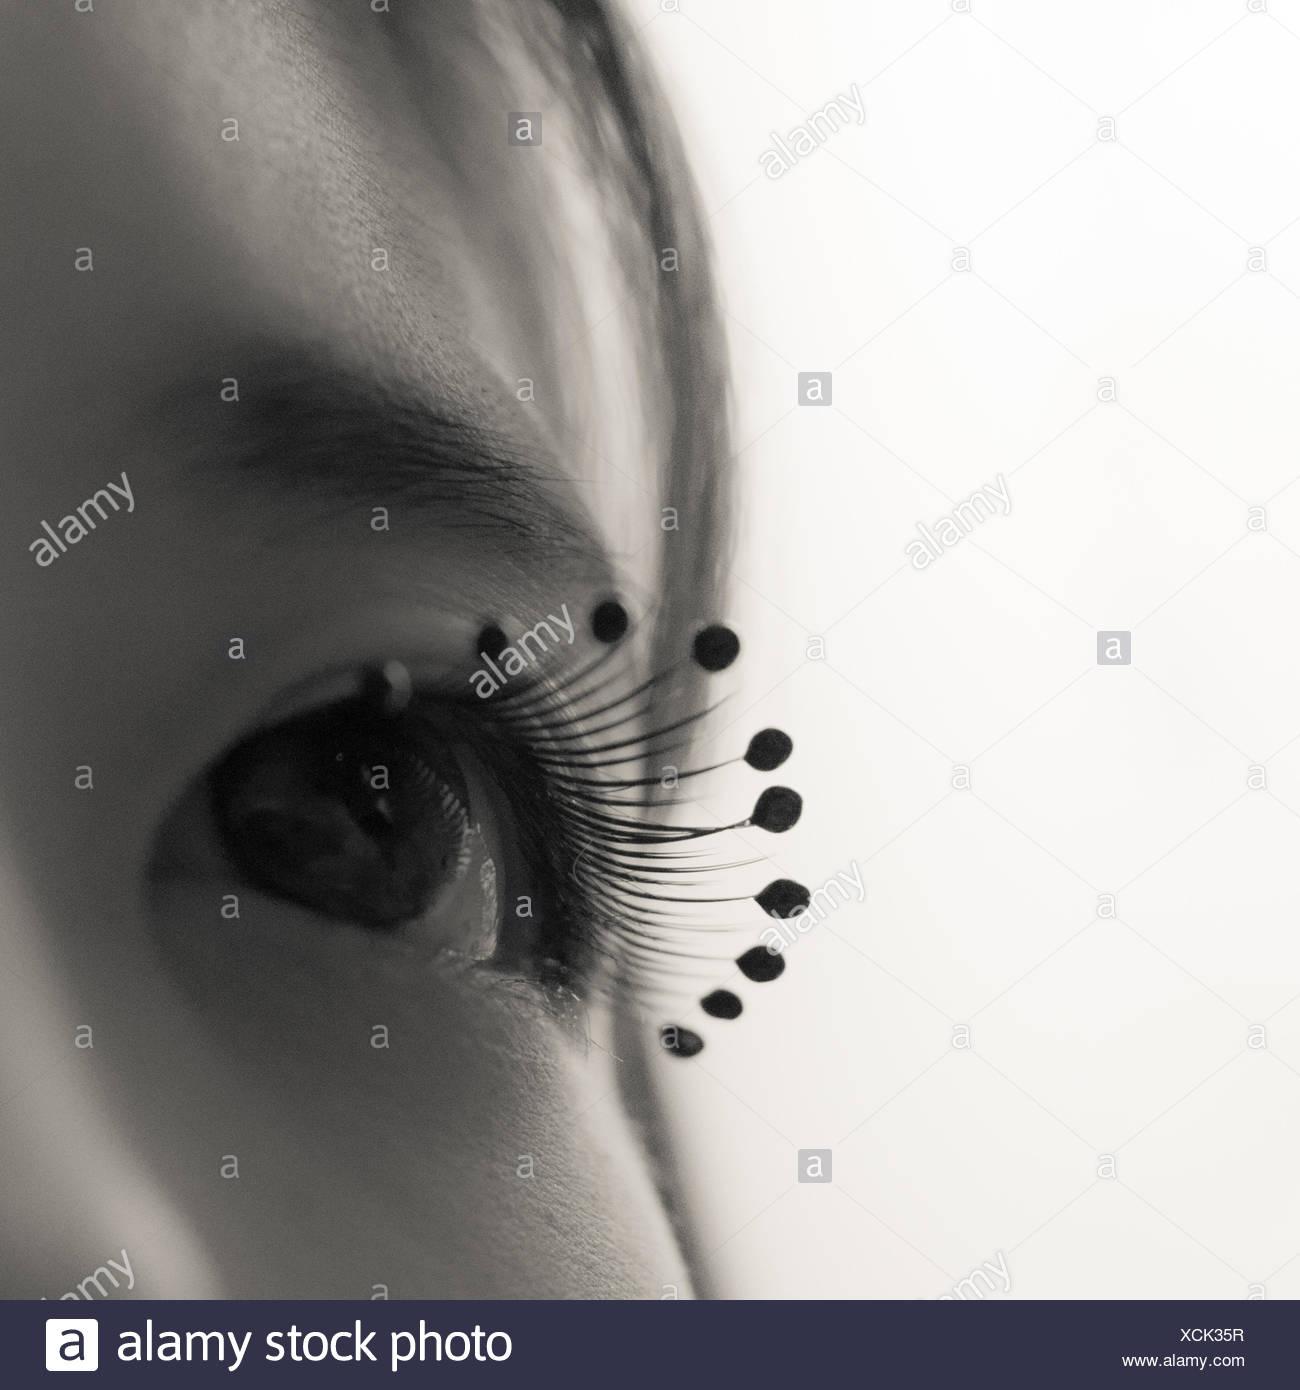 c5b0f4314aa False Eyelash Stock Photos & False Eyelash Stock Images - Alamy